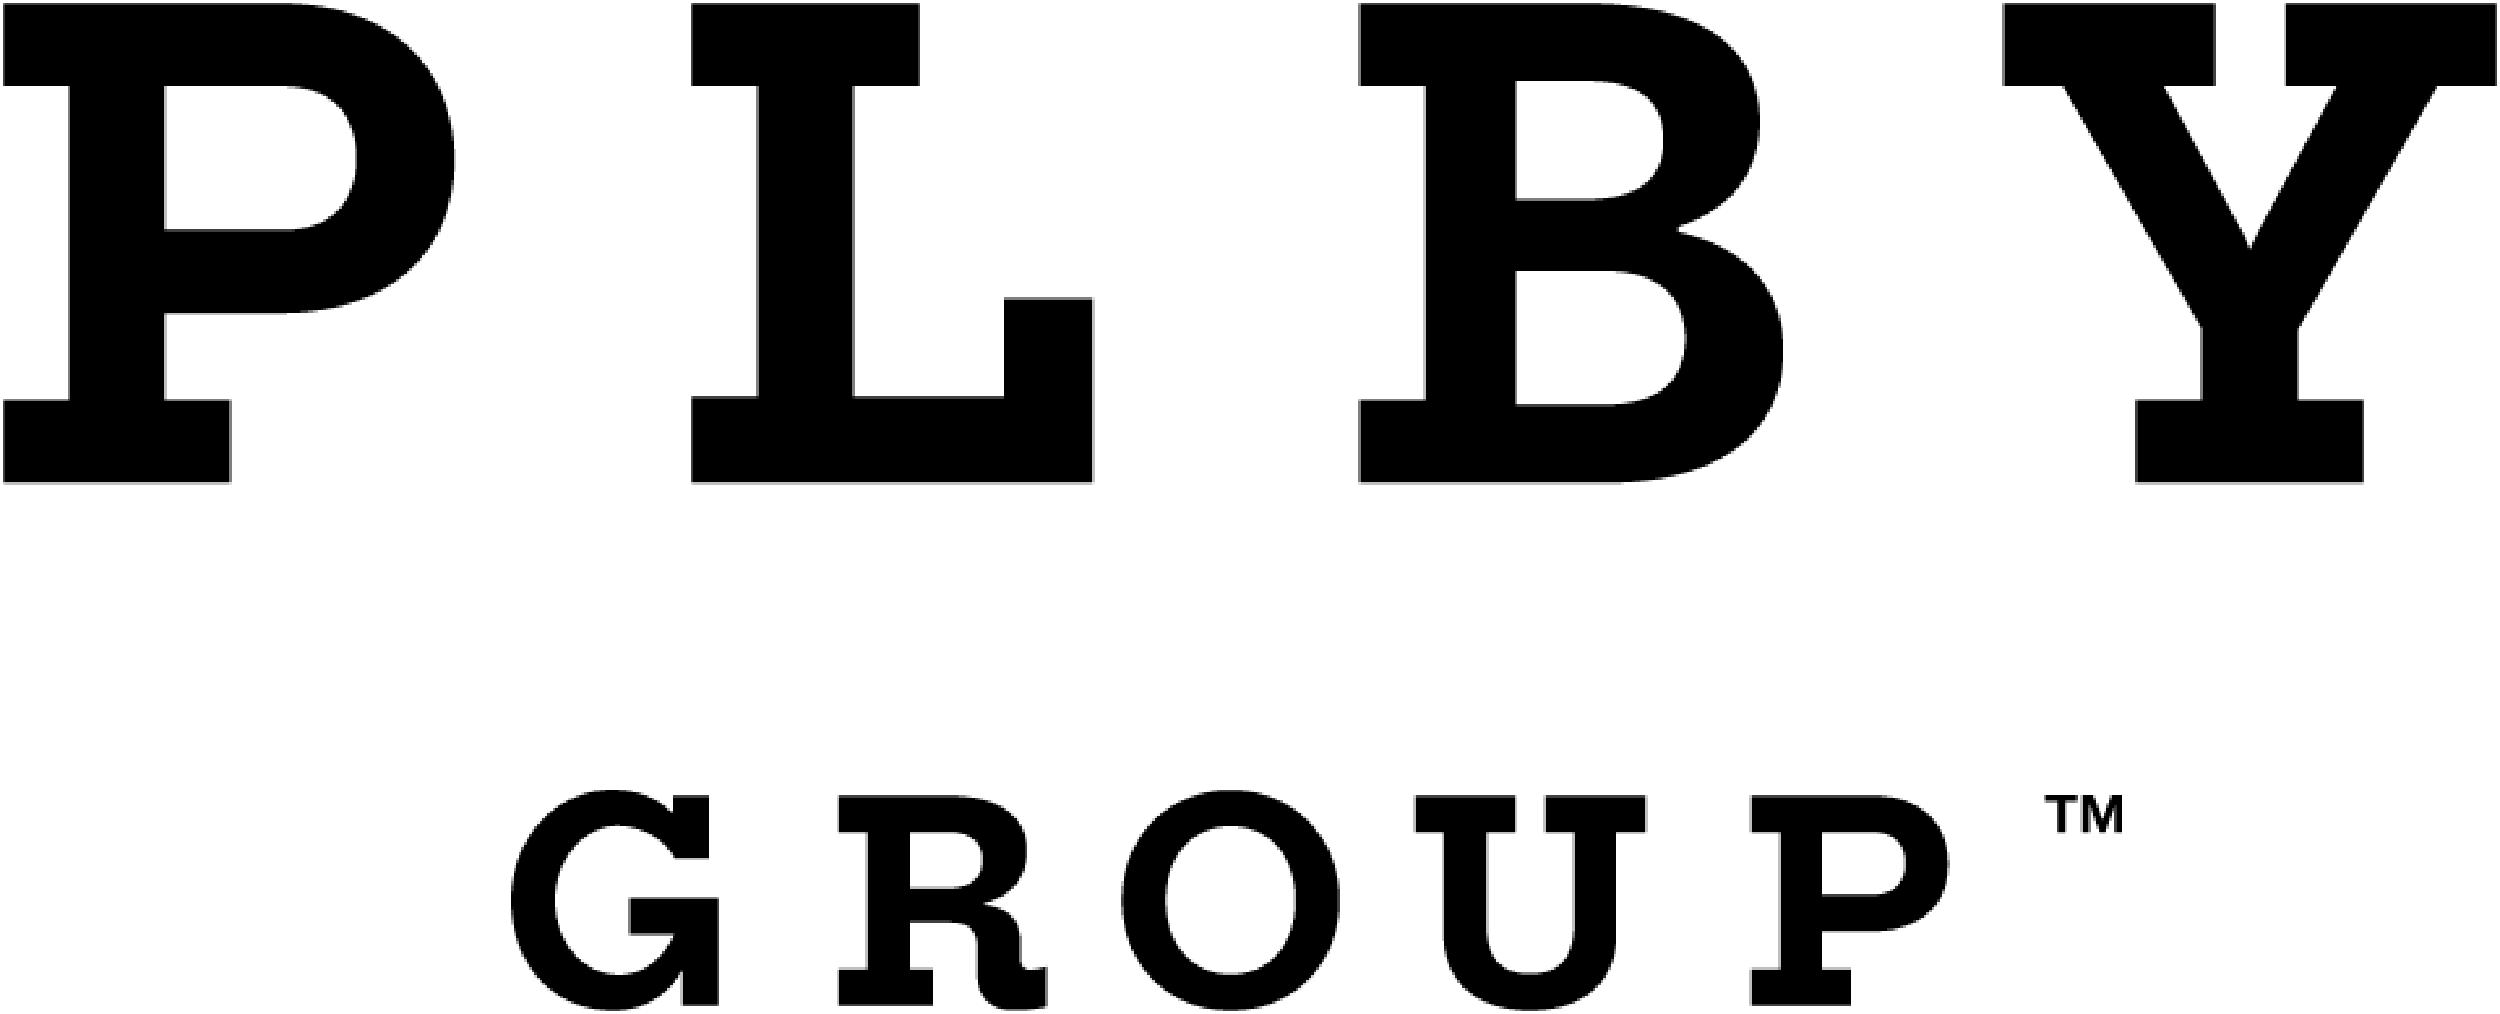 PLBY logo